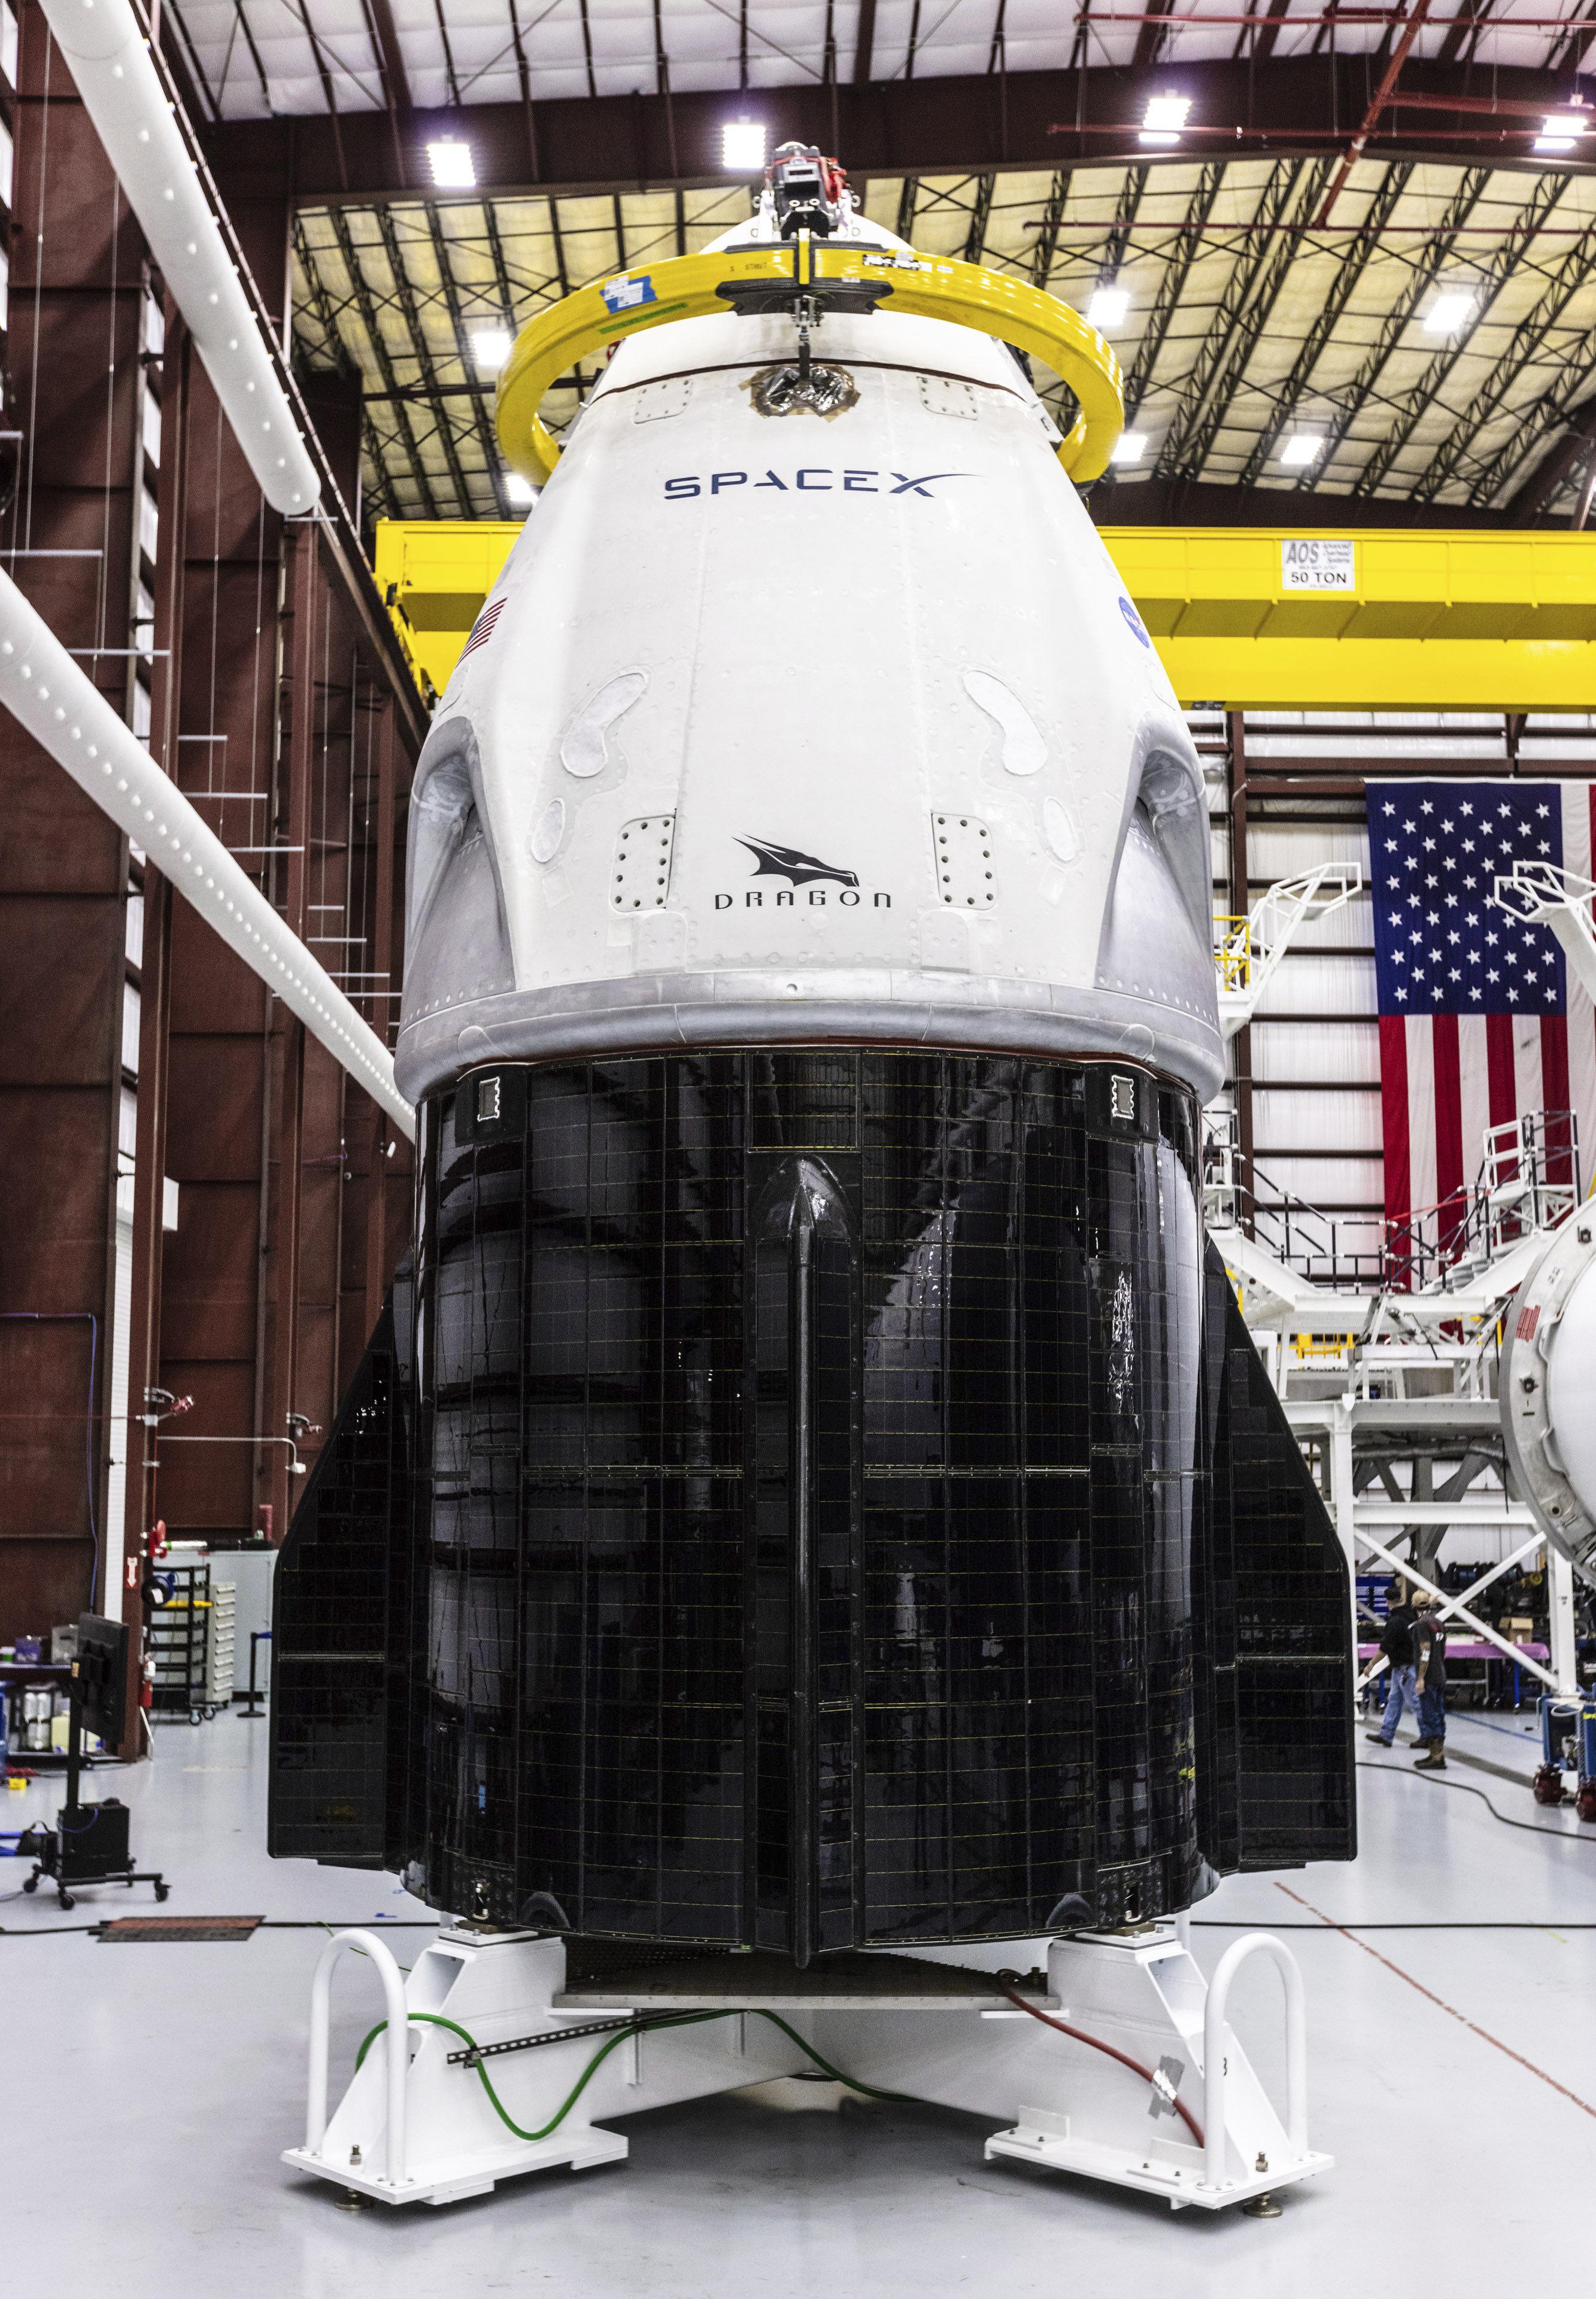 Un mystérieux incident sur la capsule de SpaceX pourrait retarder son premier vol